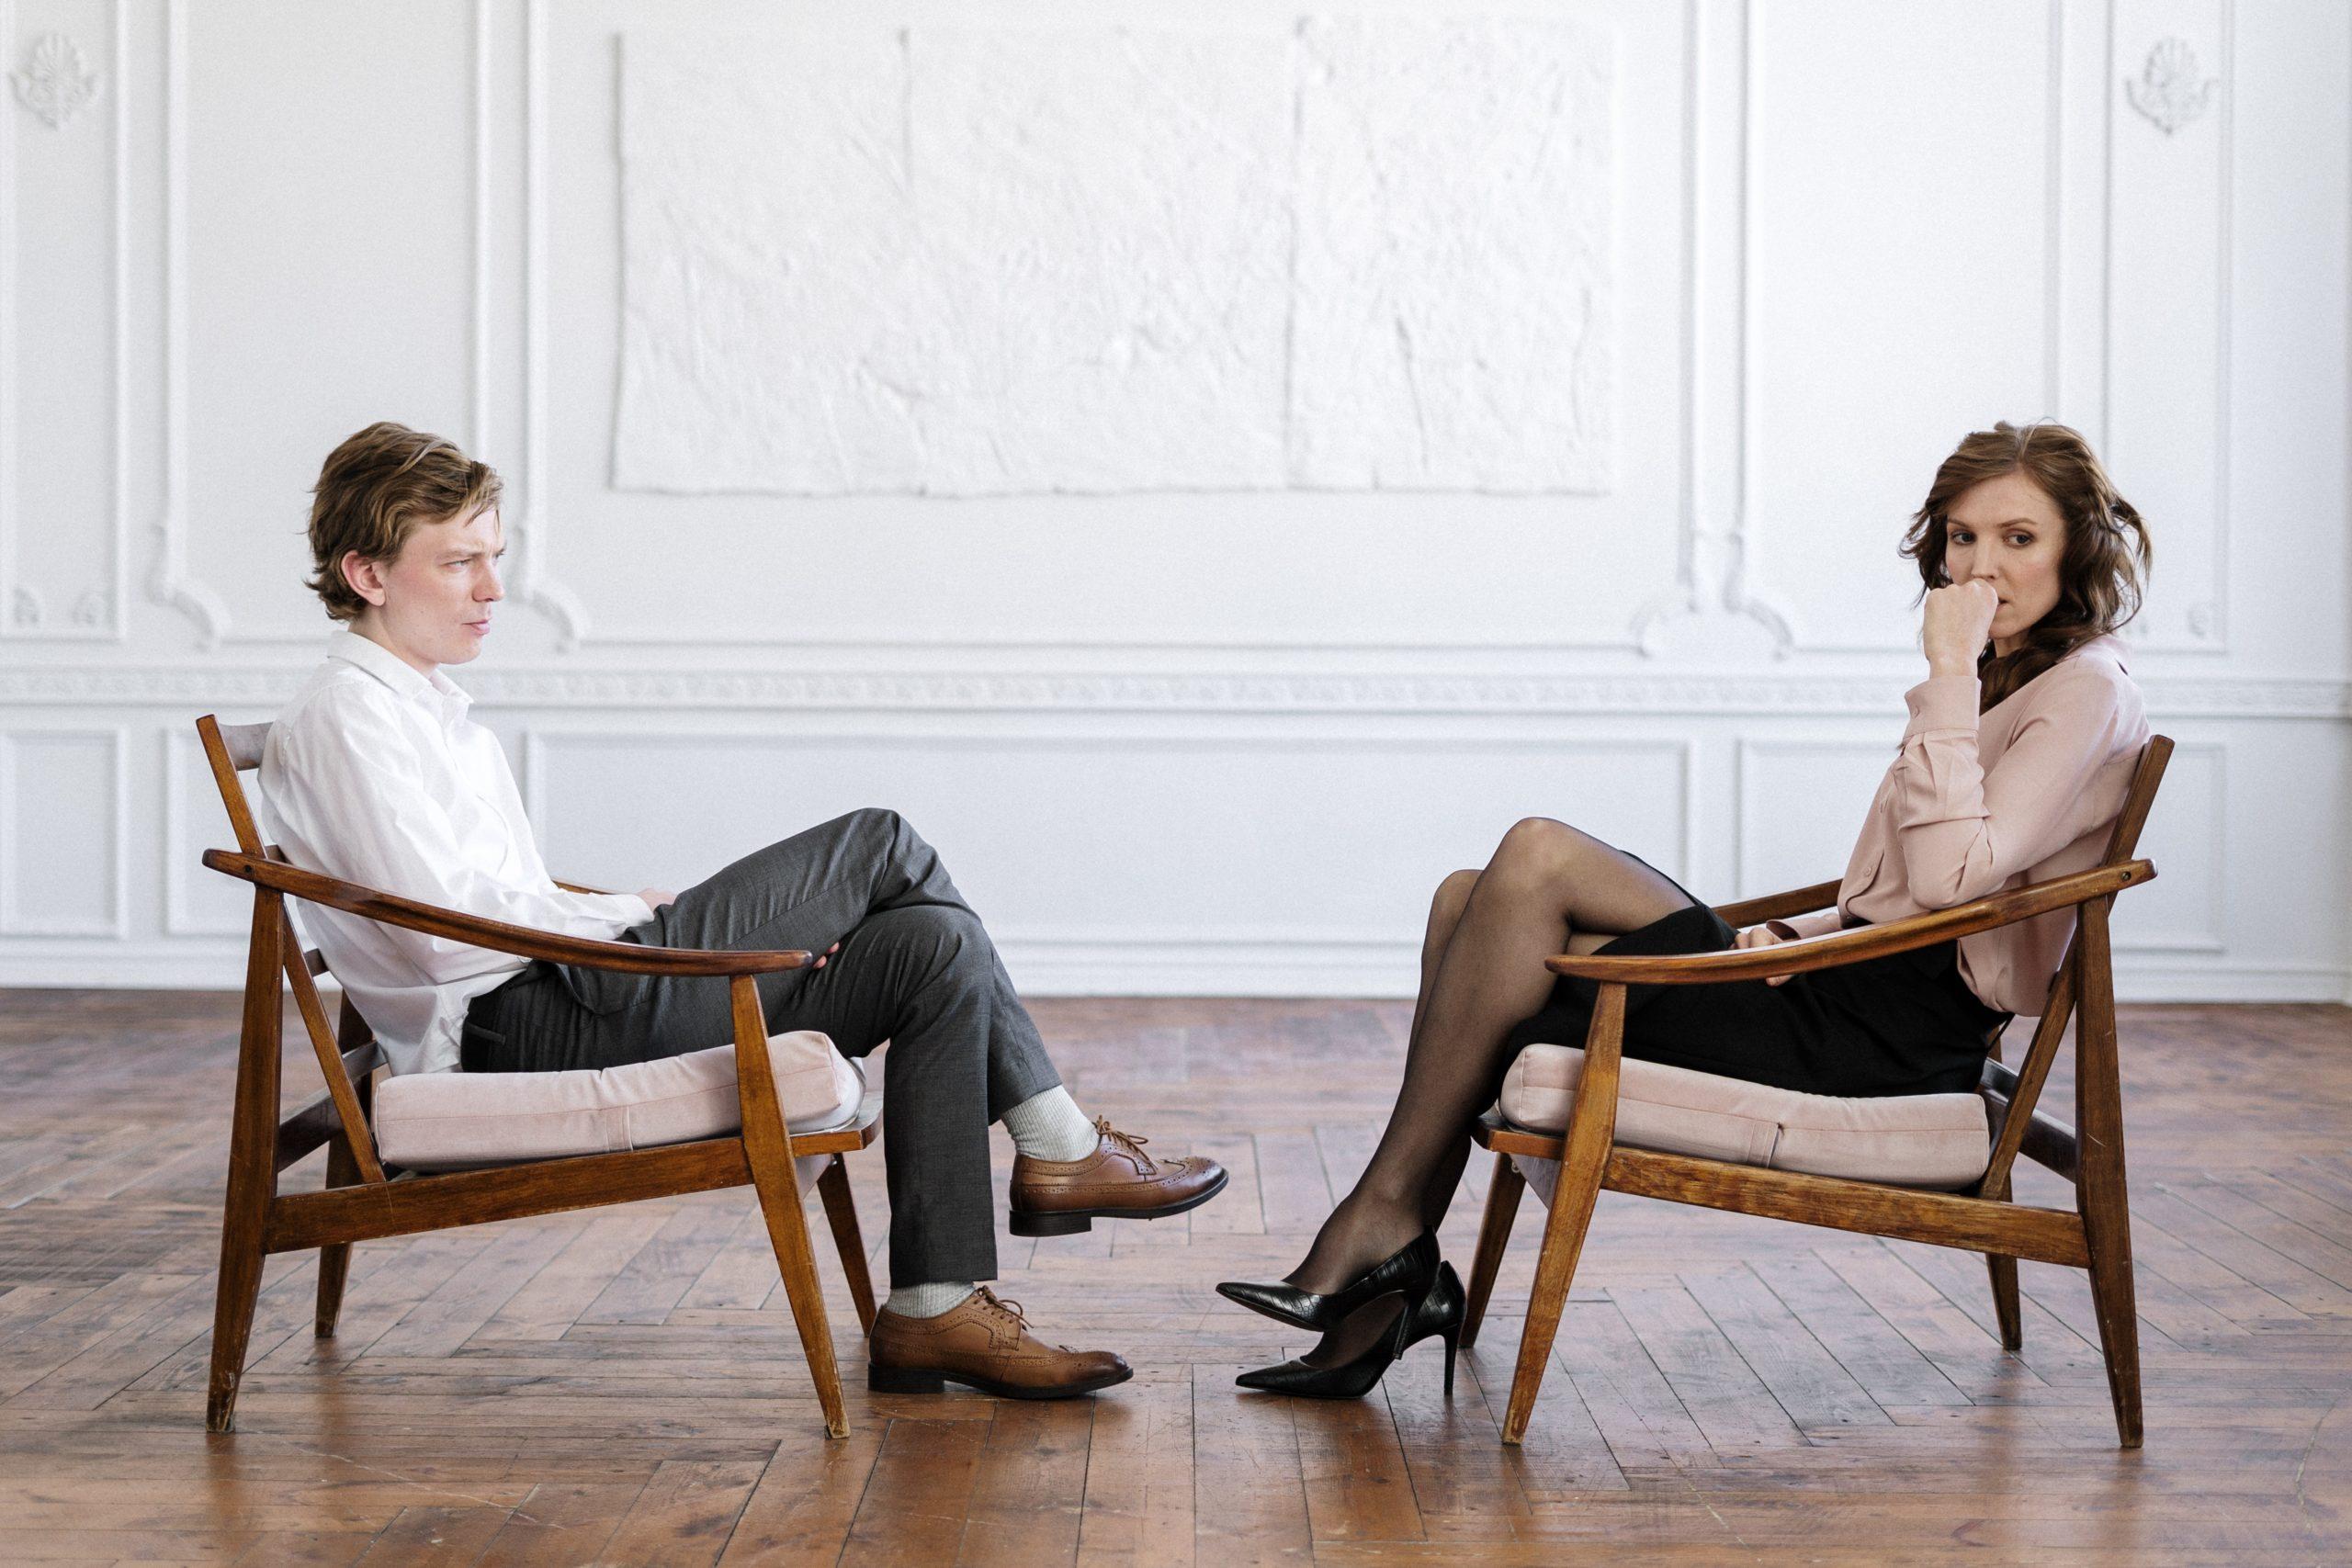 職場恋愛で別れた後の5つの対処法【あからさまに態度は変えない】